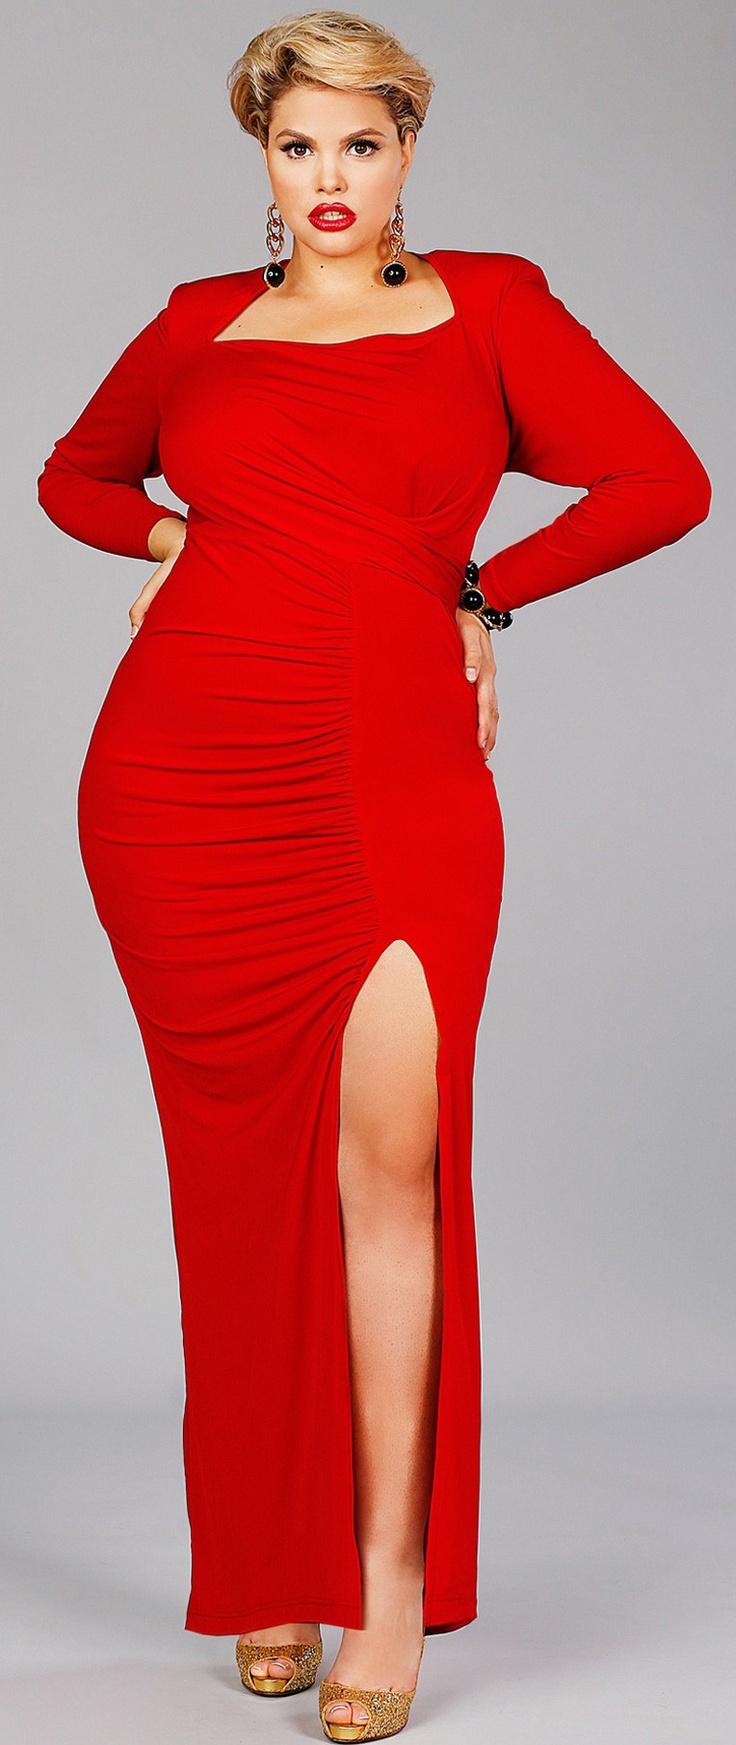 6e8de231291 Coral Evening Dresses Plus Size – DACC